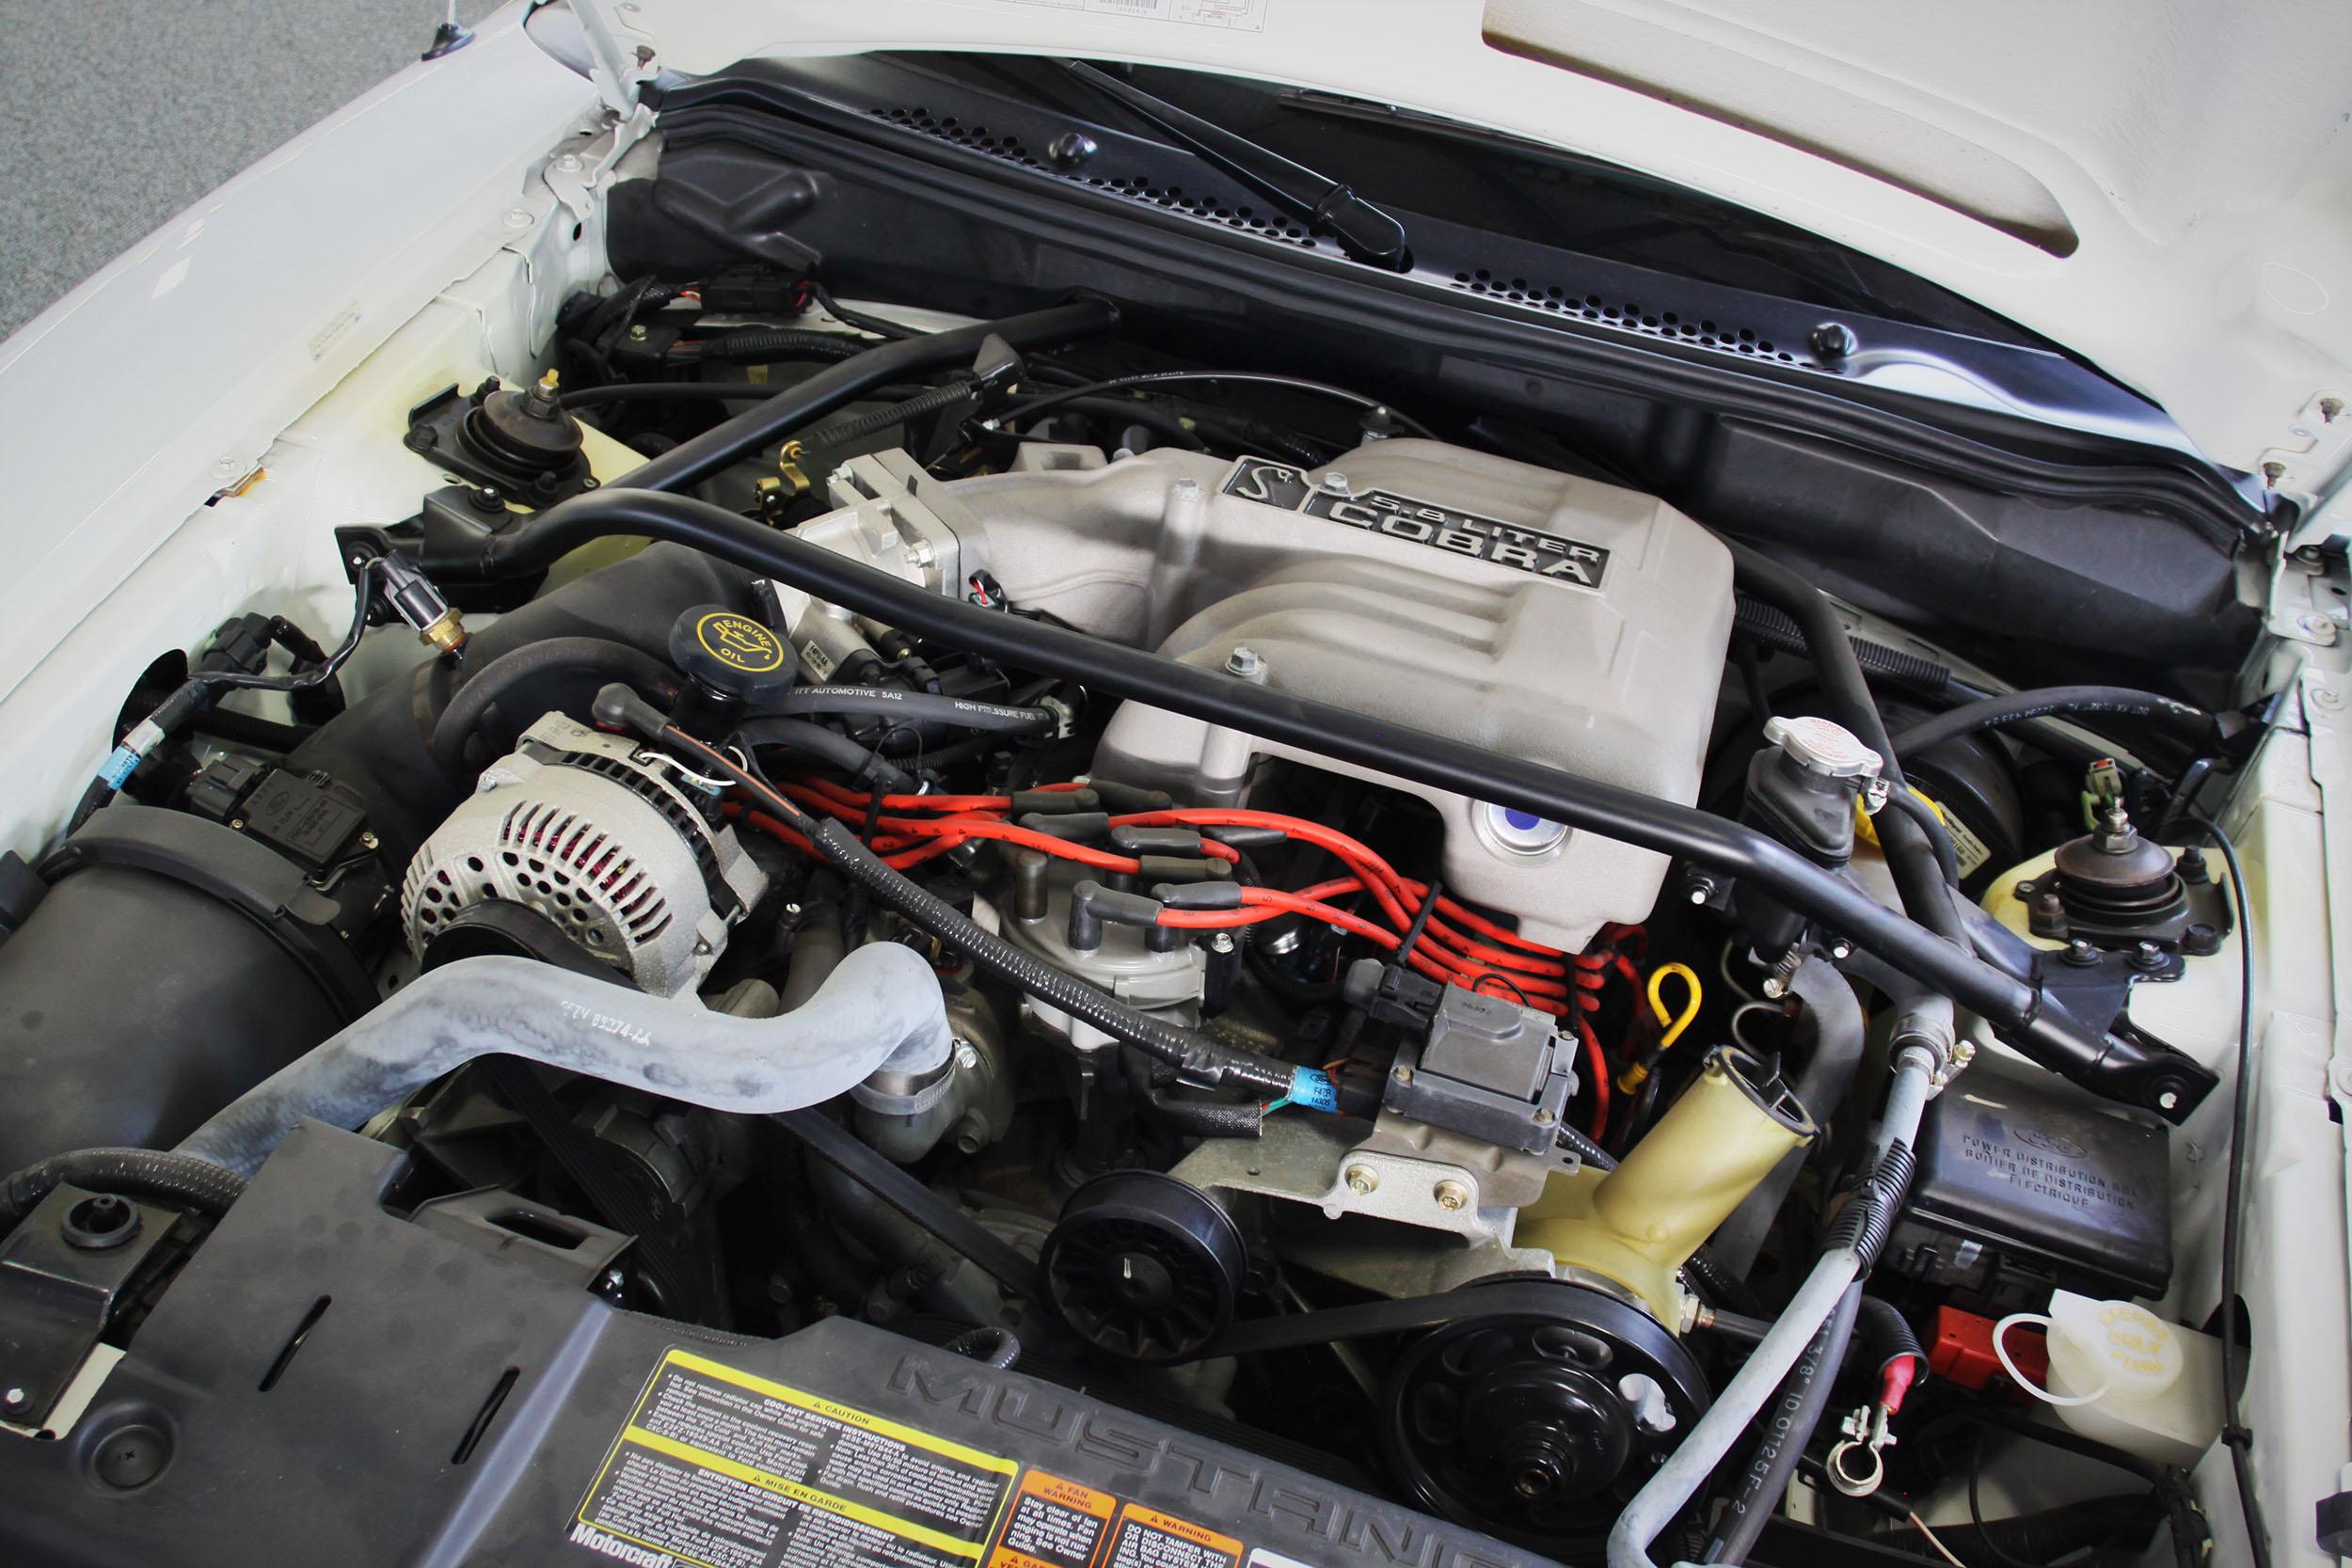 1995 Cobre  engine